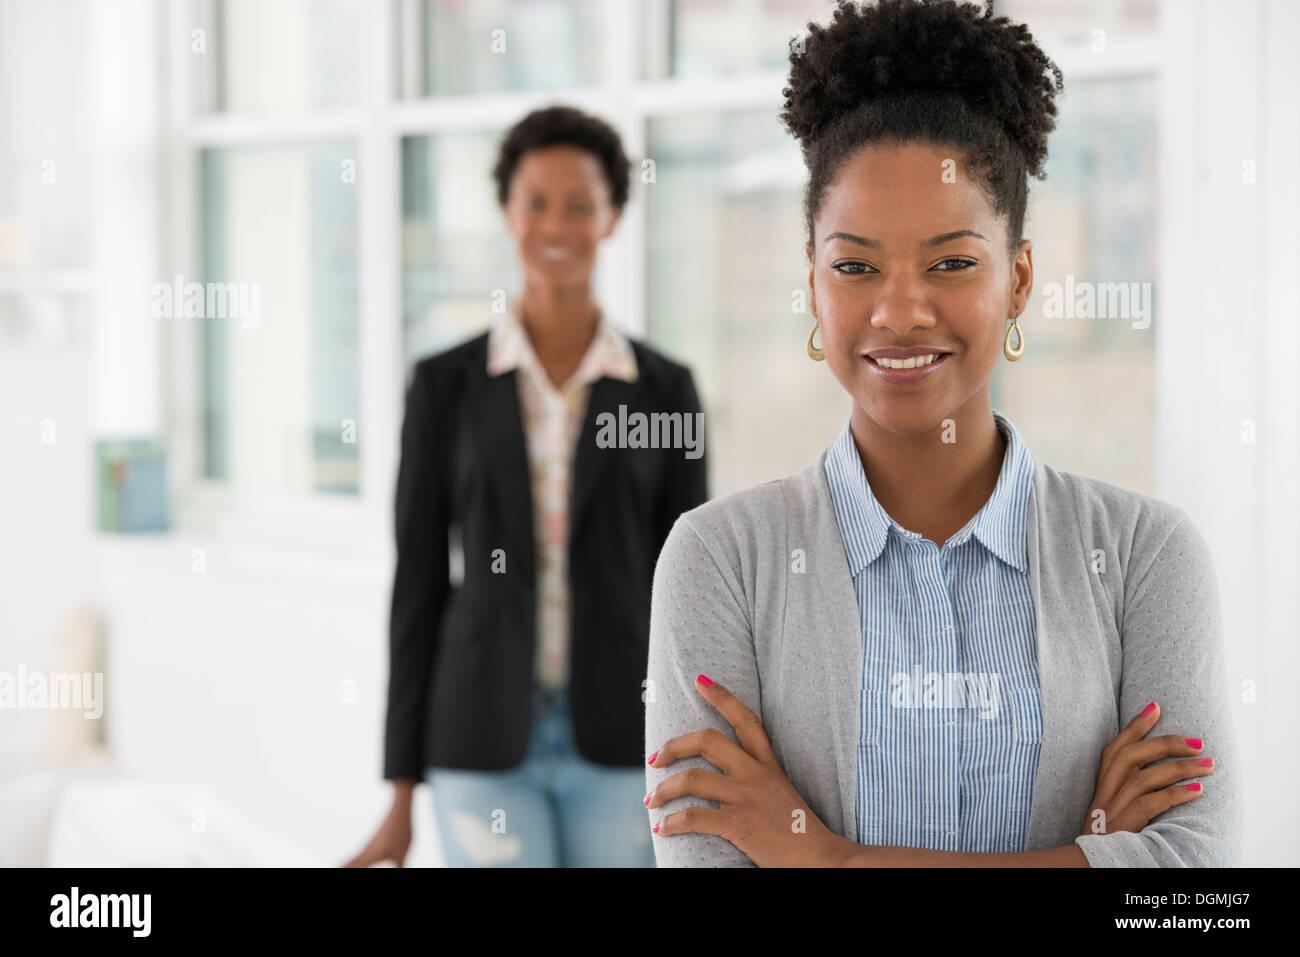 Les gens parler d'affaires. Deux femmes. Photo Stock